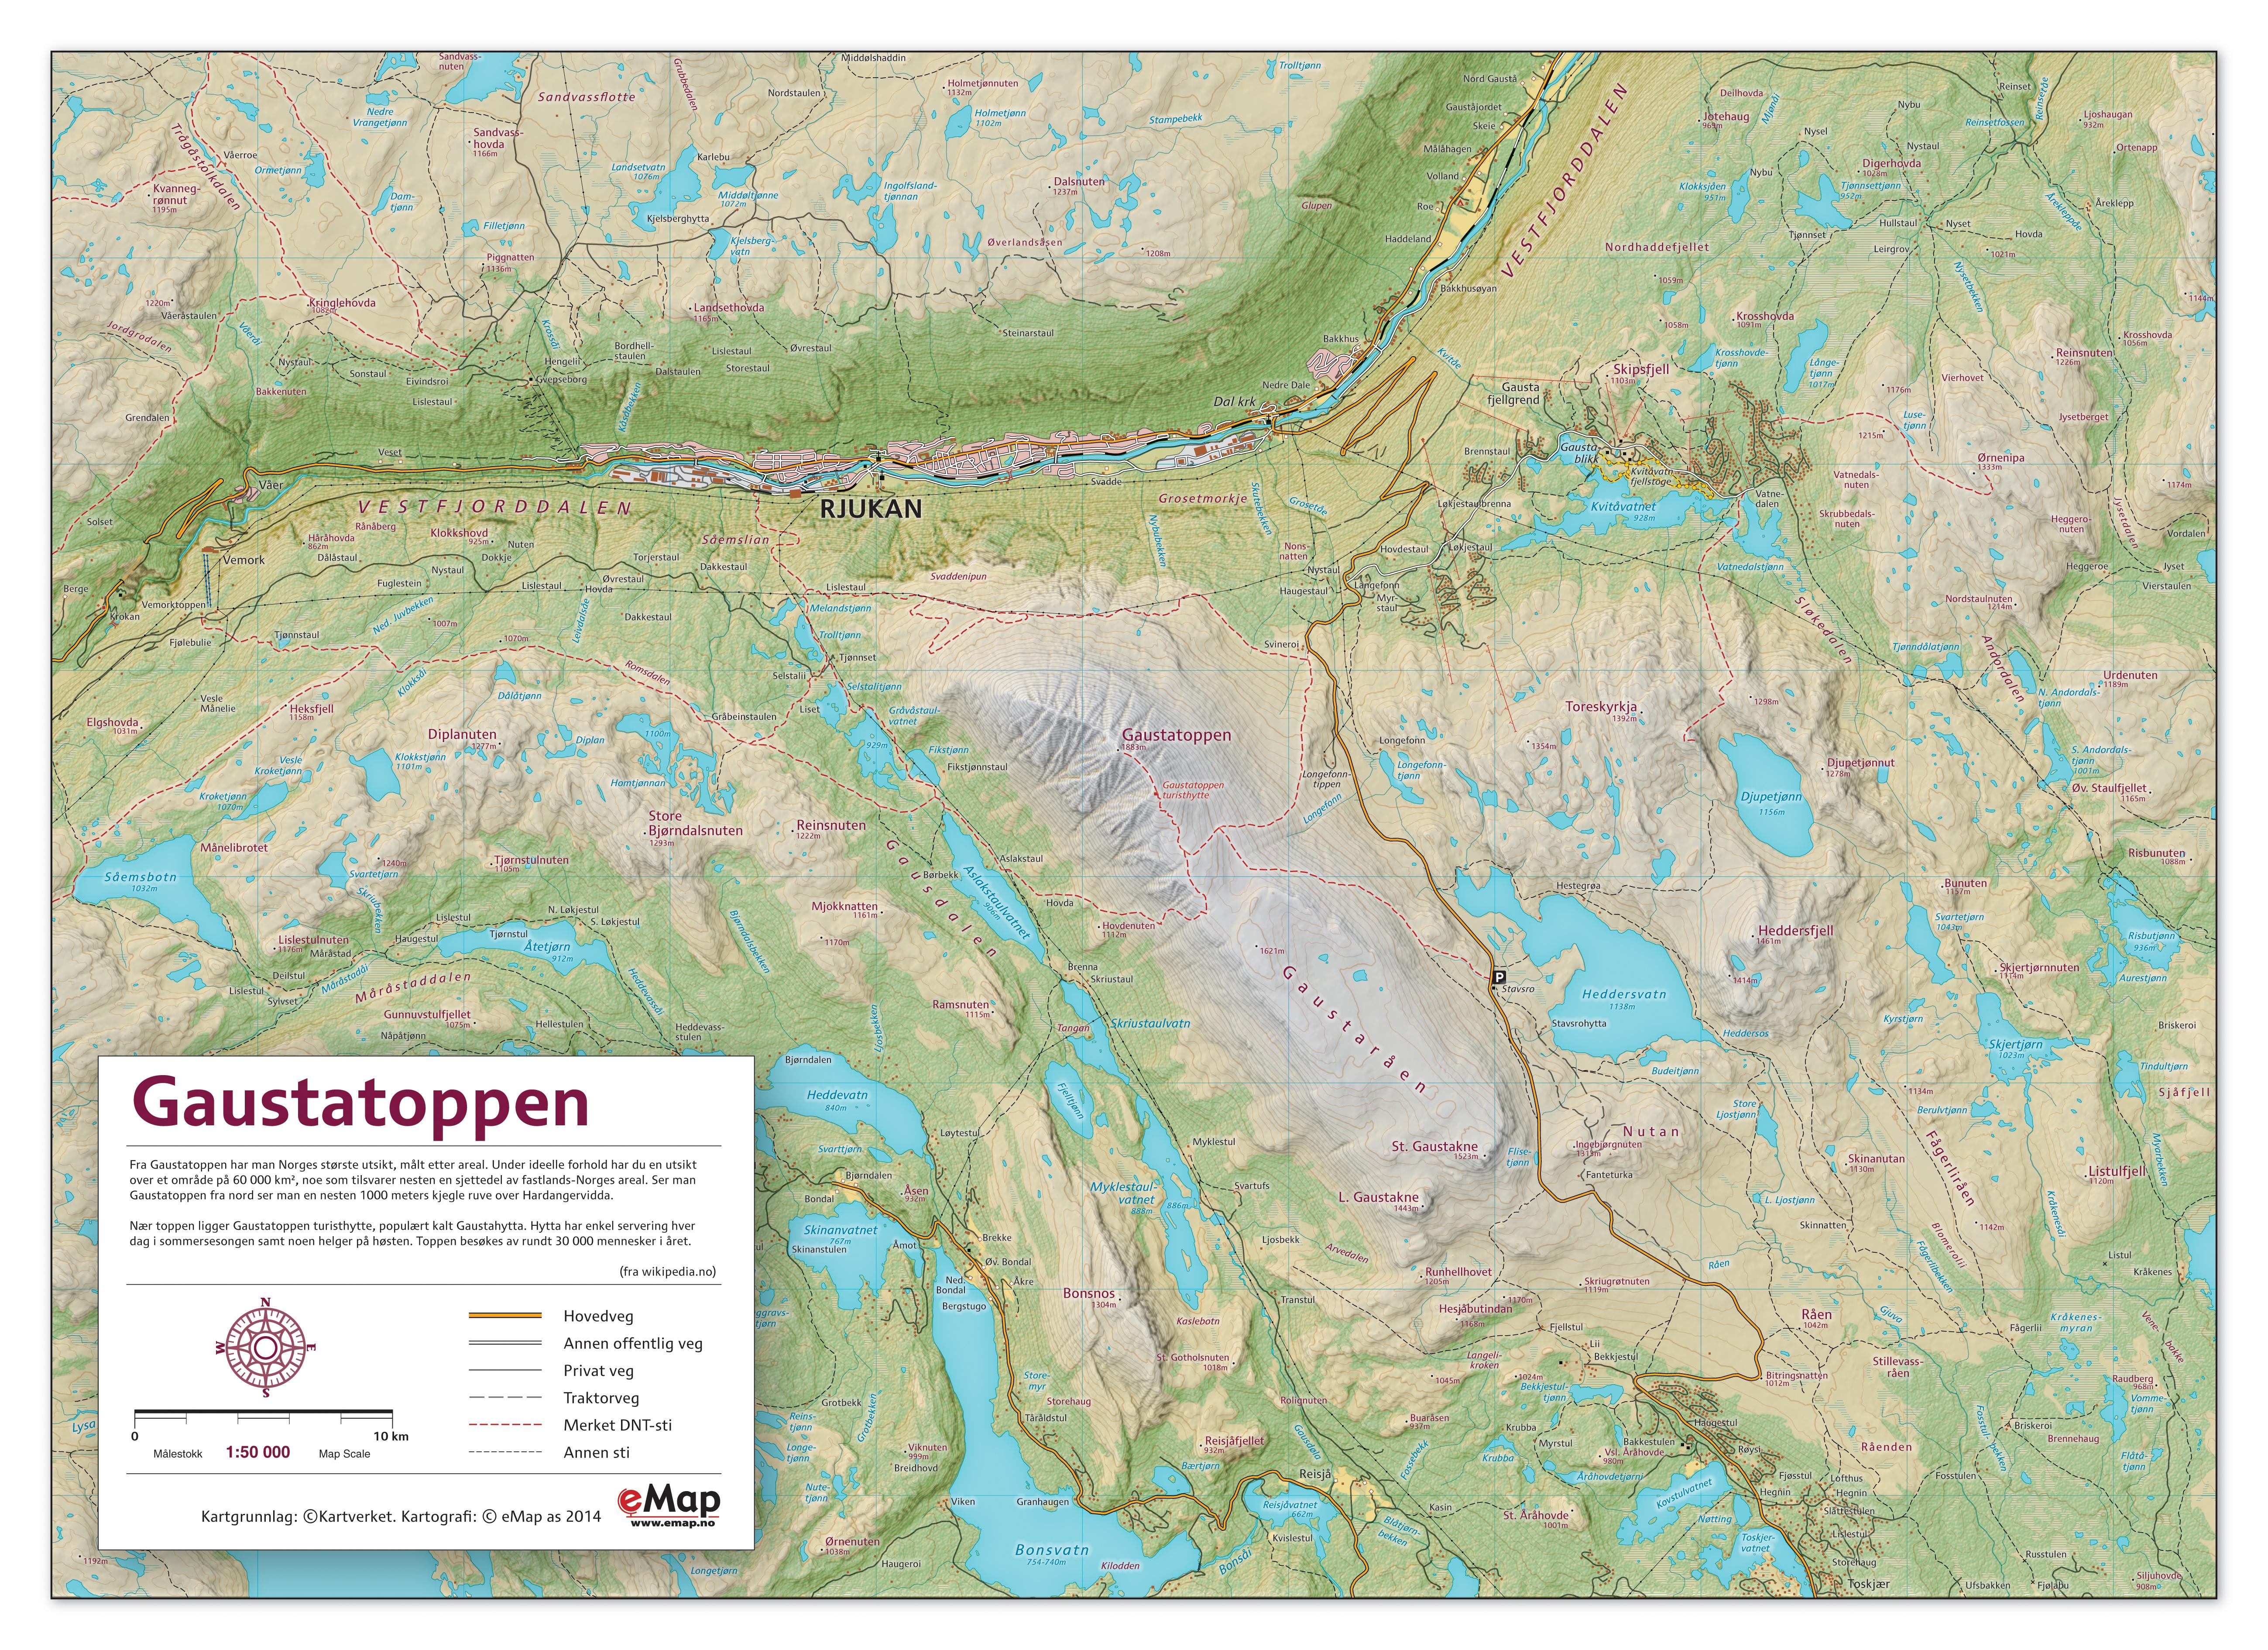 høydekurver på kart eMap   demokart høydekurver på kart